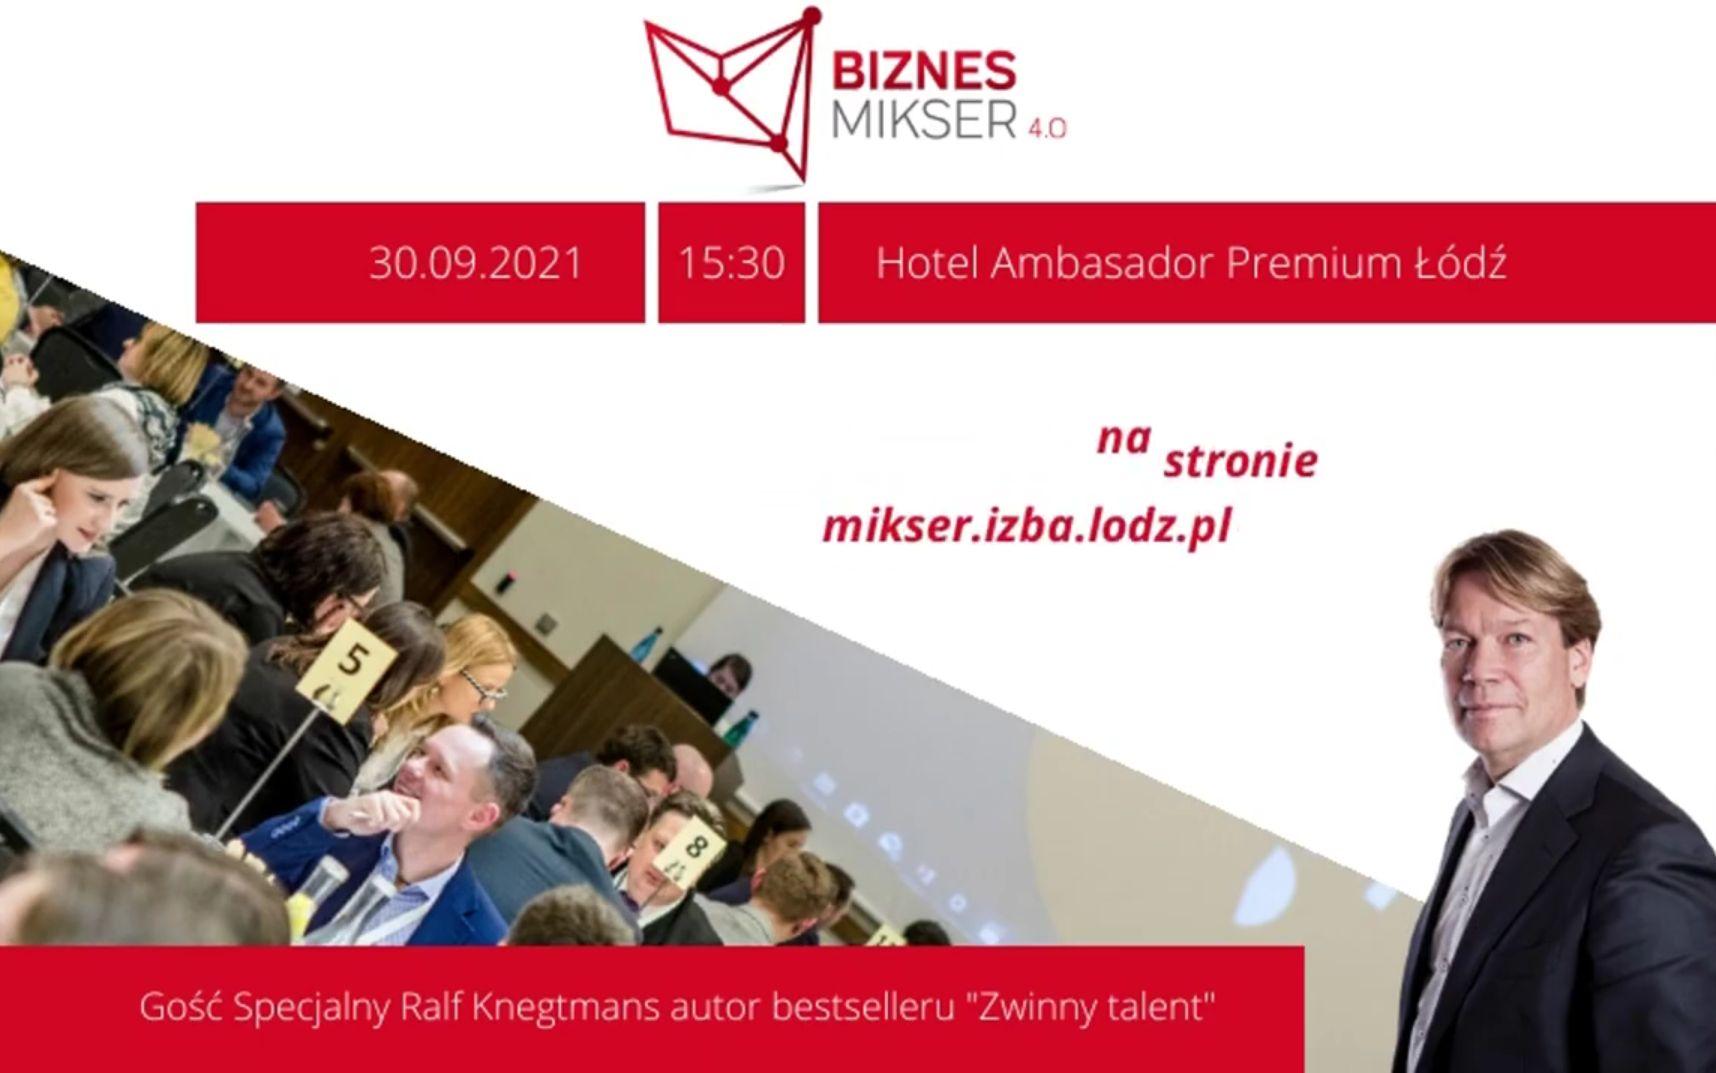 Biznes Mikser 4.0. Przedsiębiorco, musisz tam być! Organizatorzy stawiają na wymianę doświadczeń [wideo] - Zdjęcie główne